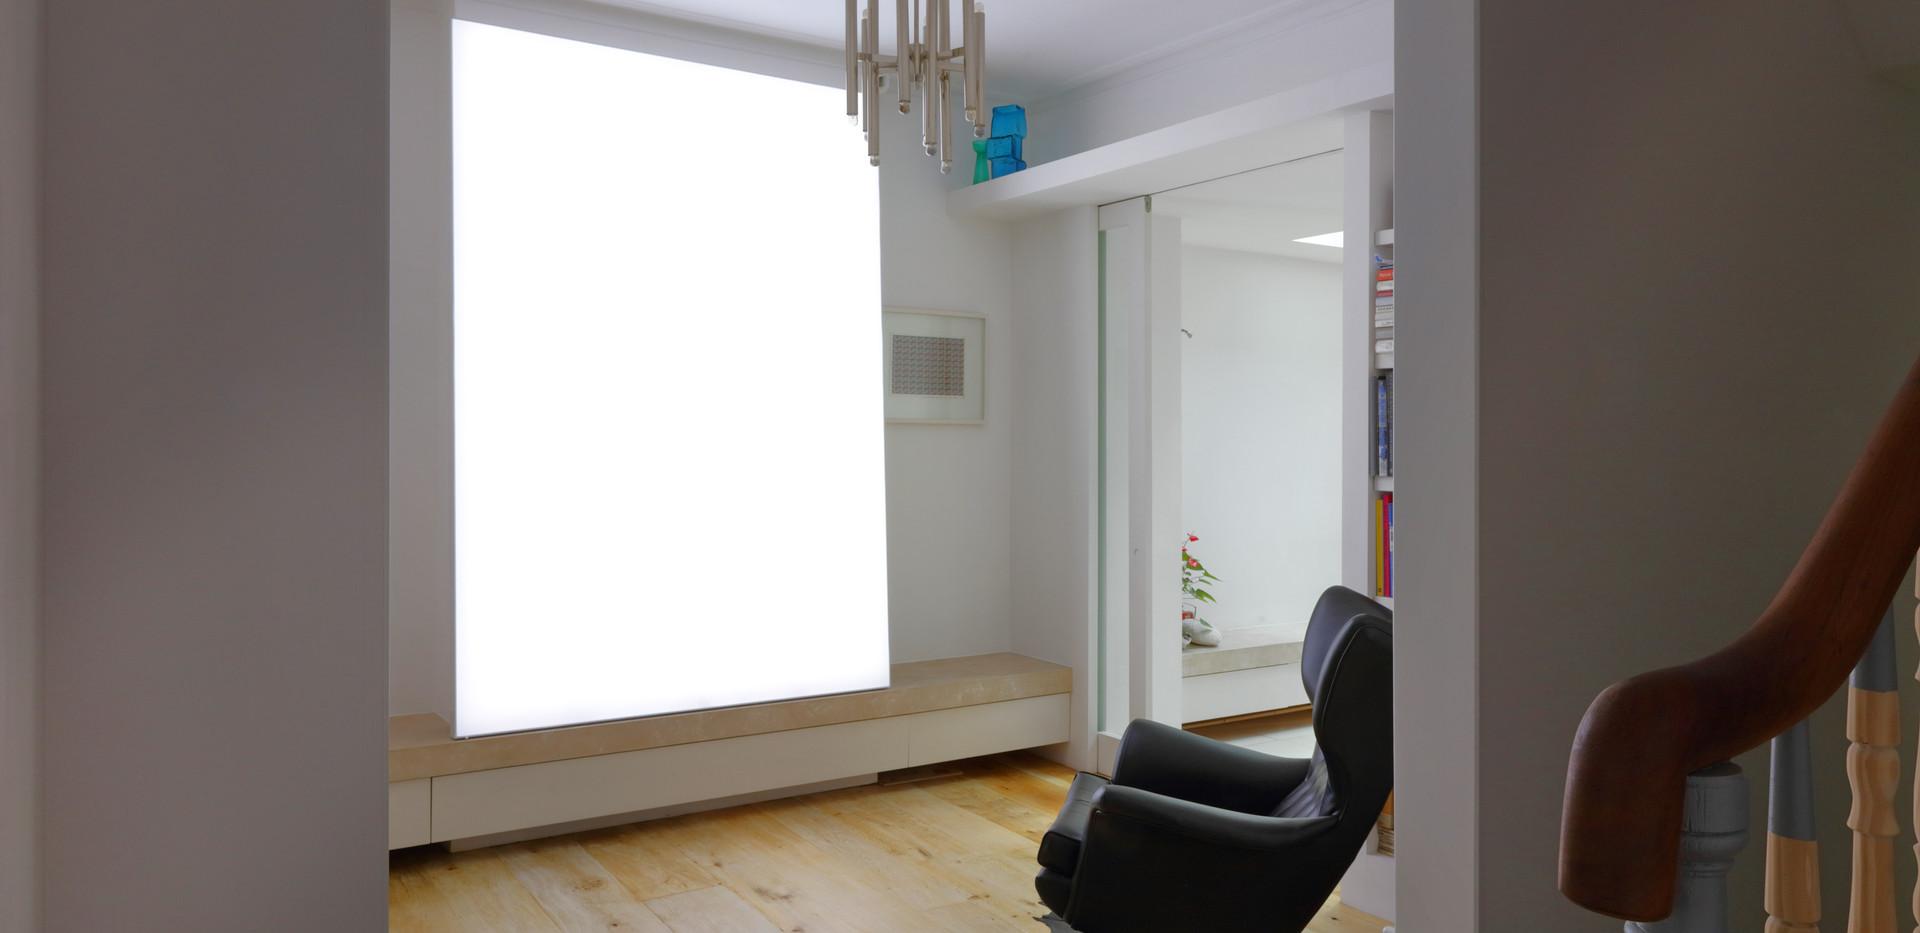 Plain Lightbox.JPG